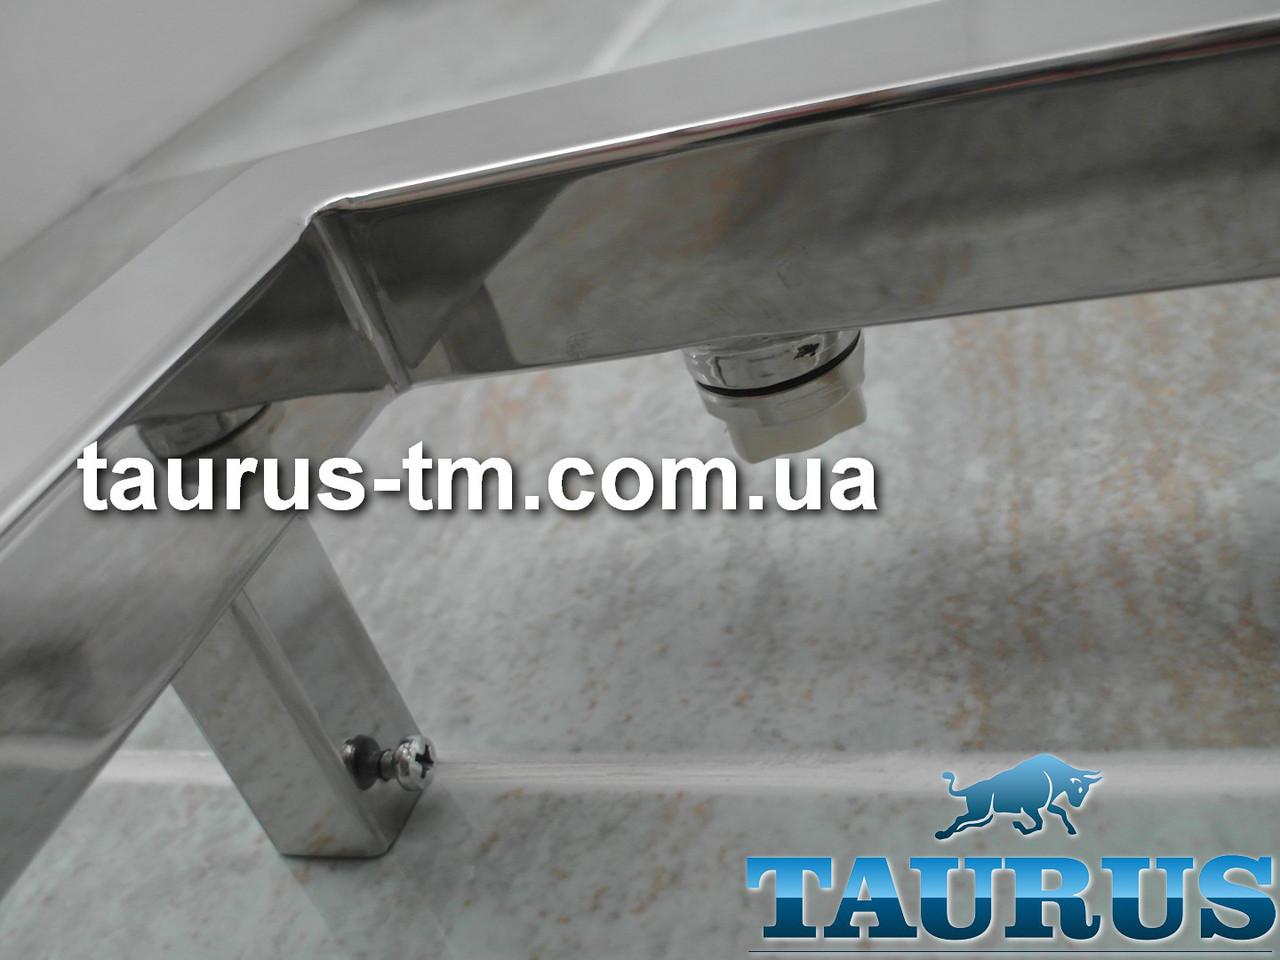 Квадратные крепления (ножки) для полотенцесушителя из нержавеющей стали TAURUS (опция)